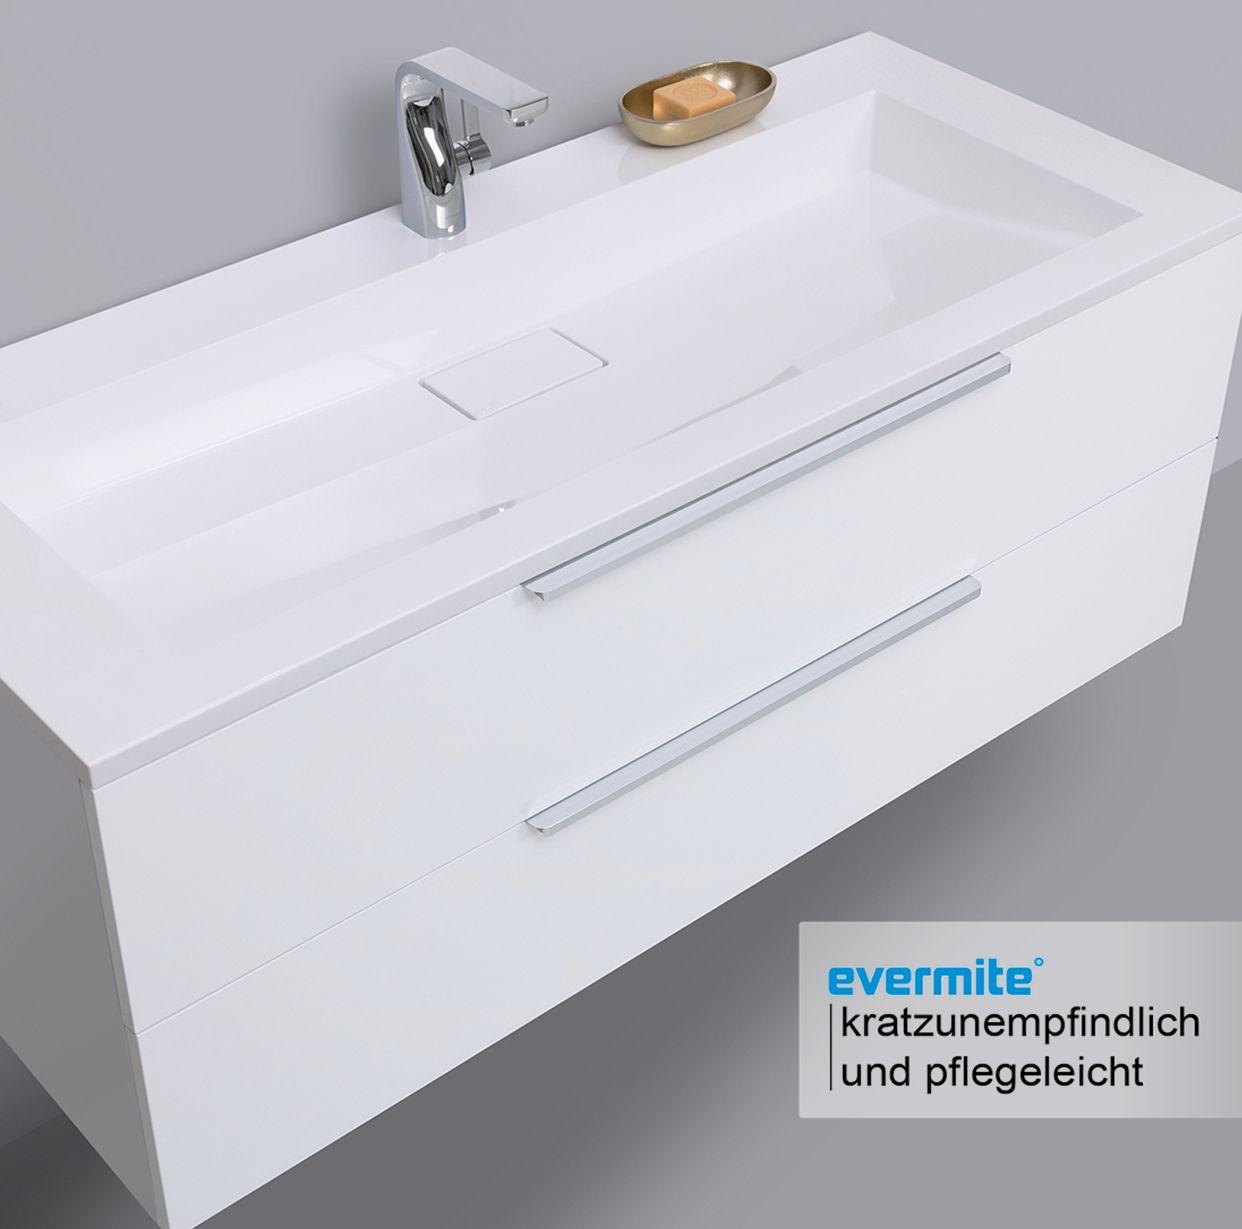 Designbaeder Com Waschbecken Badezimmerideen Hausturvordach